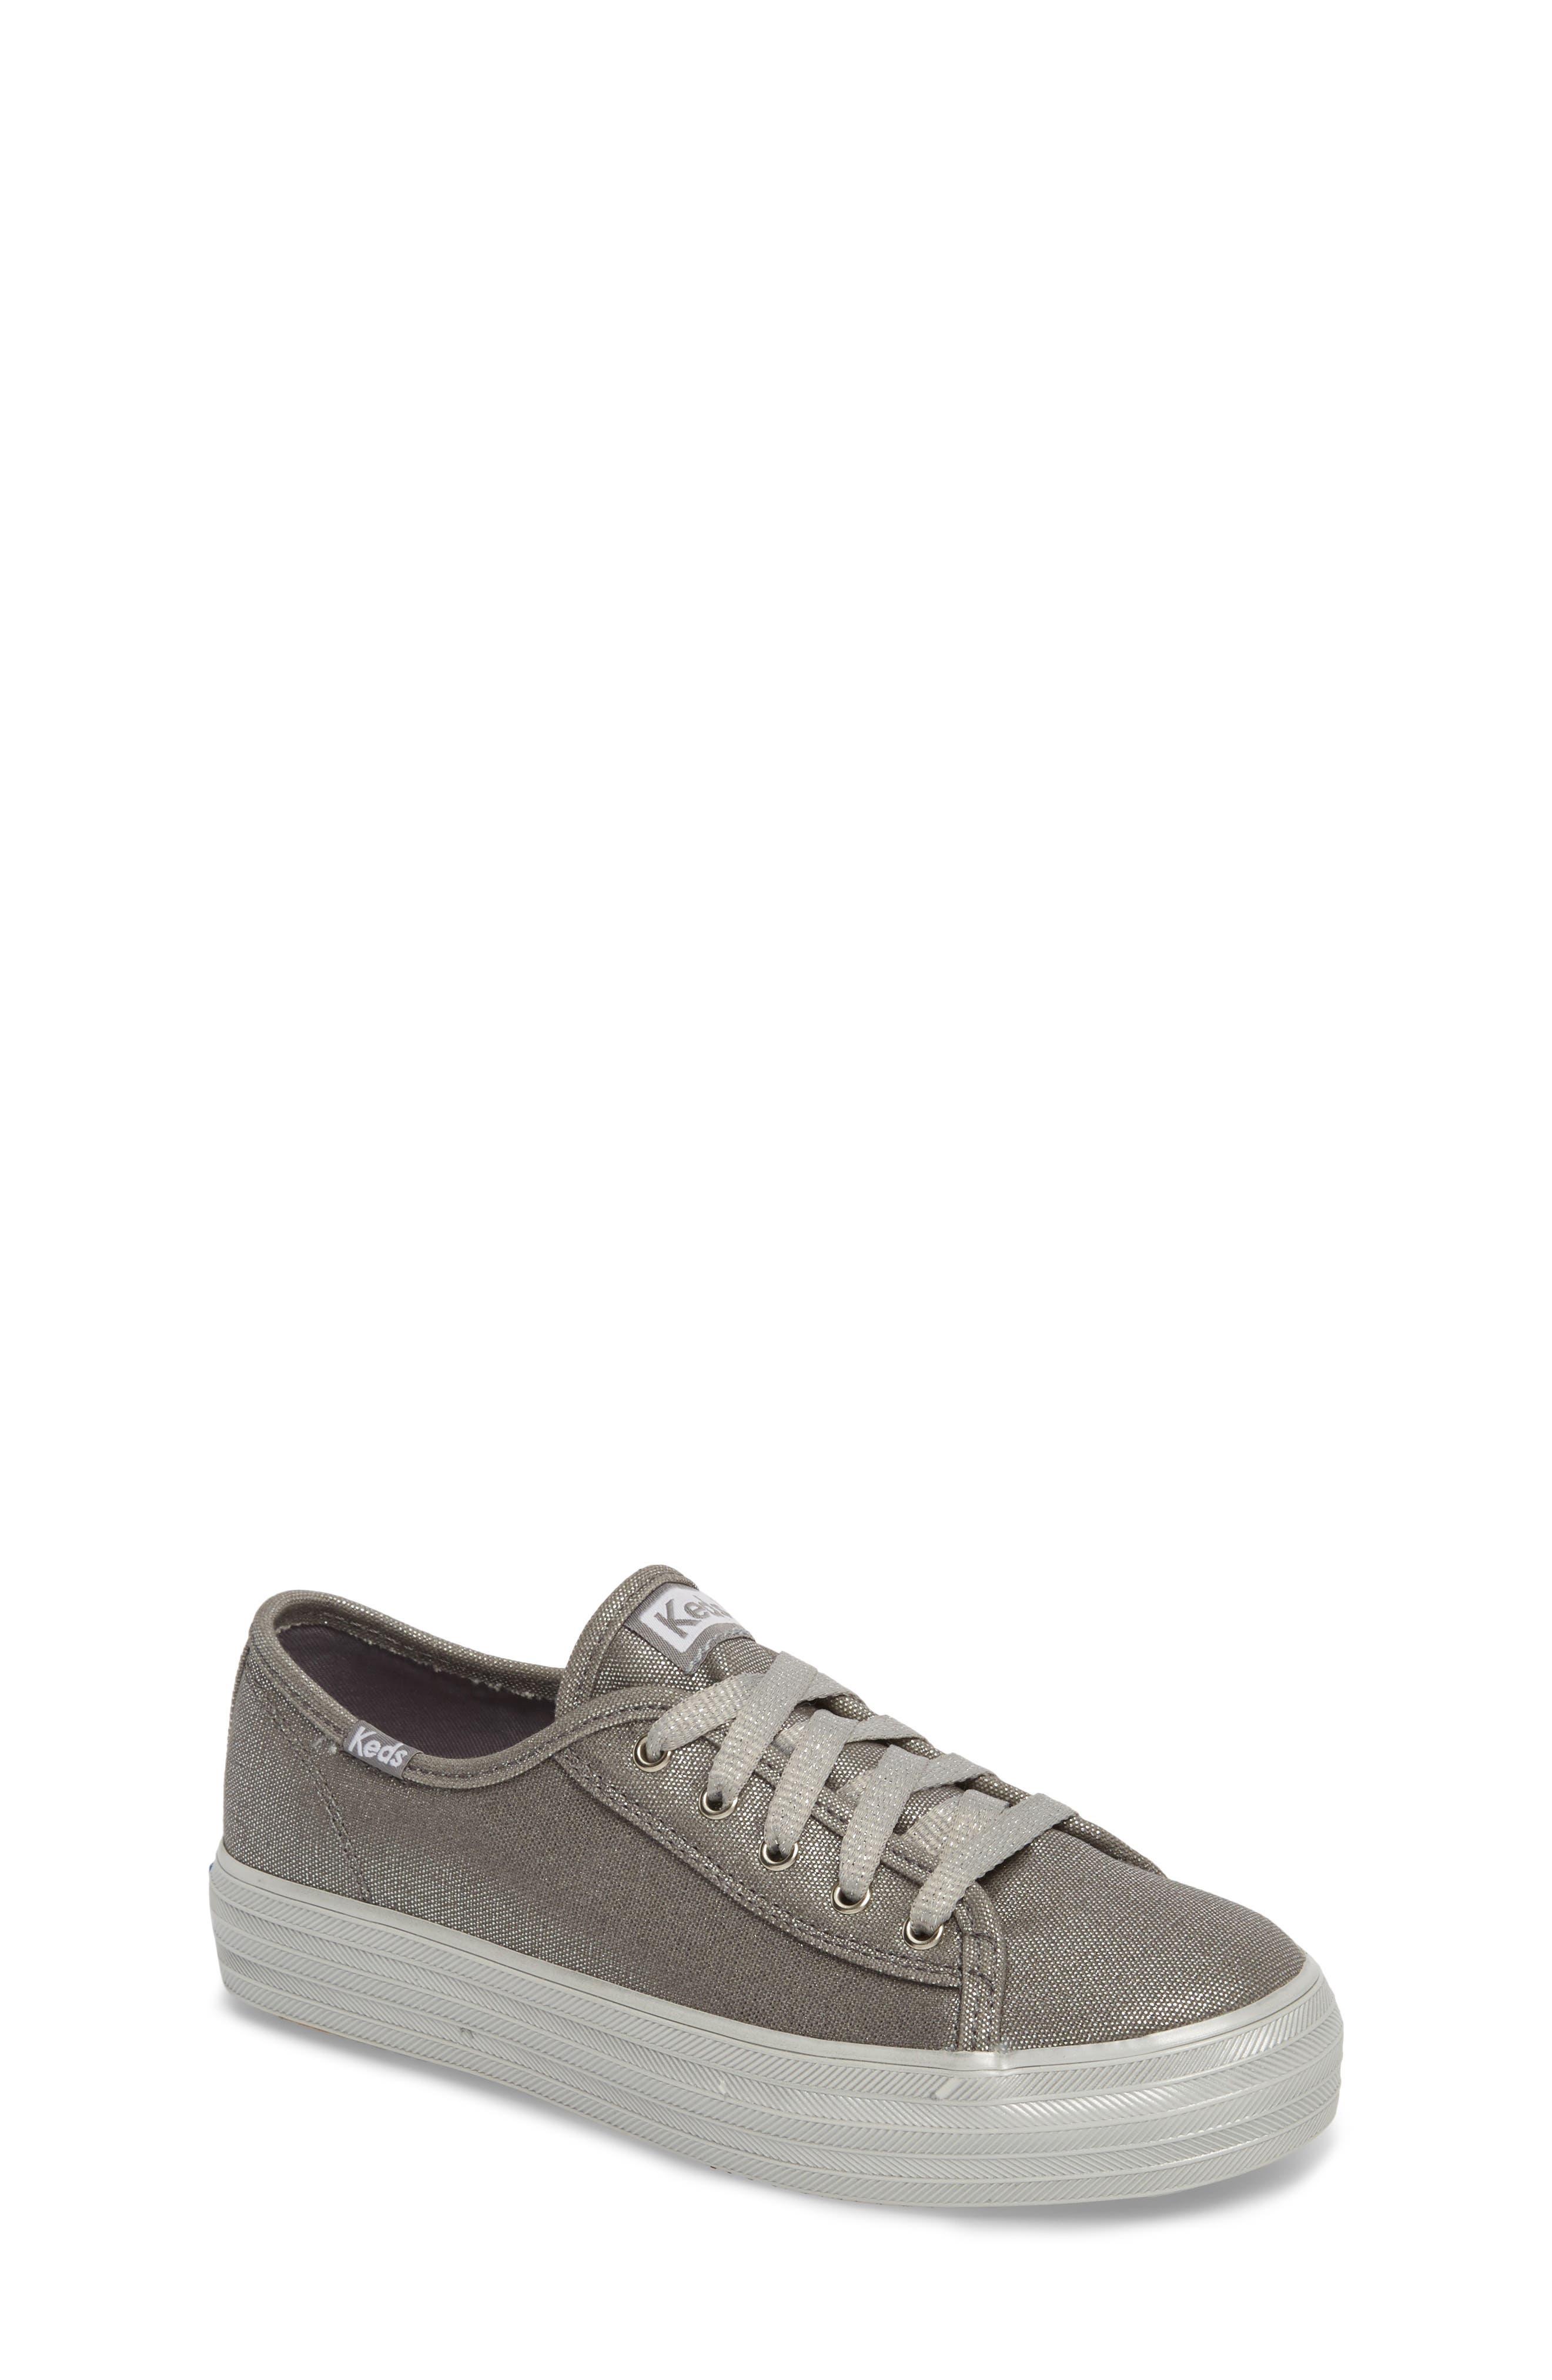 Triple Kick Platform Sneaker,                             Main thumbnail 1, color,                             Silver/ Silver